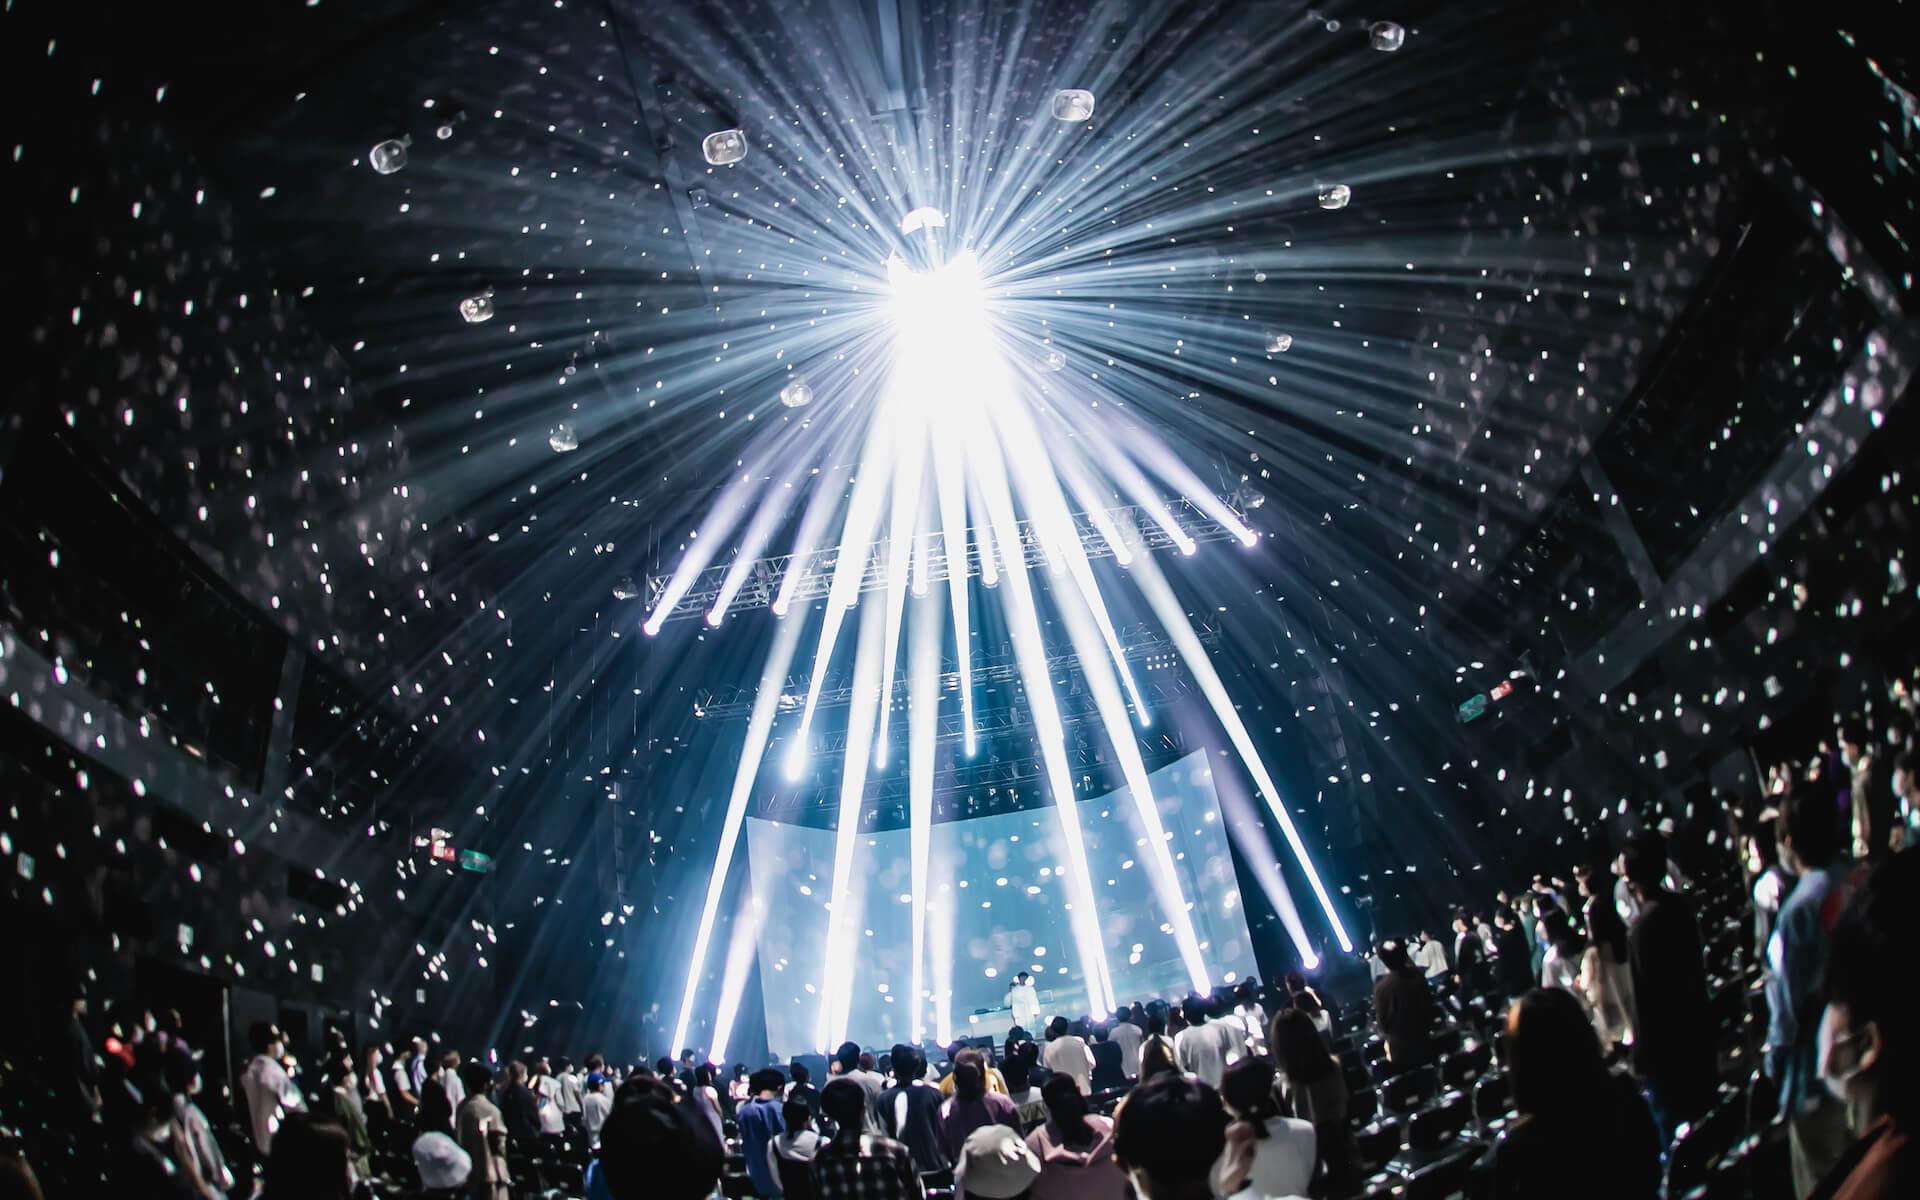 """クボタカイが1stアルバム発売記念ツアーを全国4都市完走!ファイナルで新曲""""エックスフレンド""""のリリースも発表 music210917_kubotakai_tour_03"""